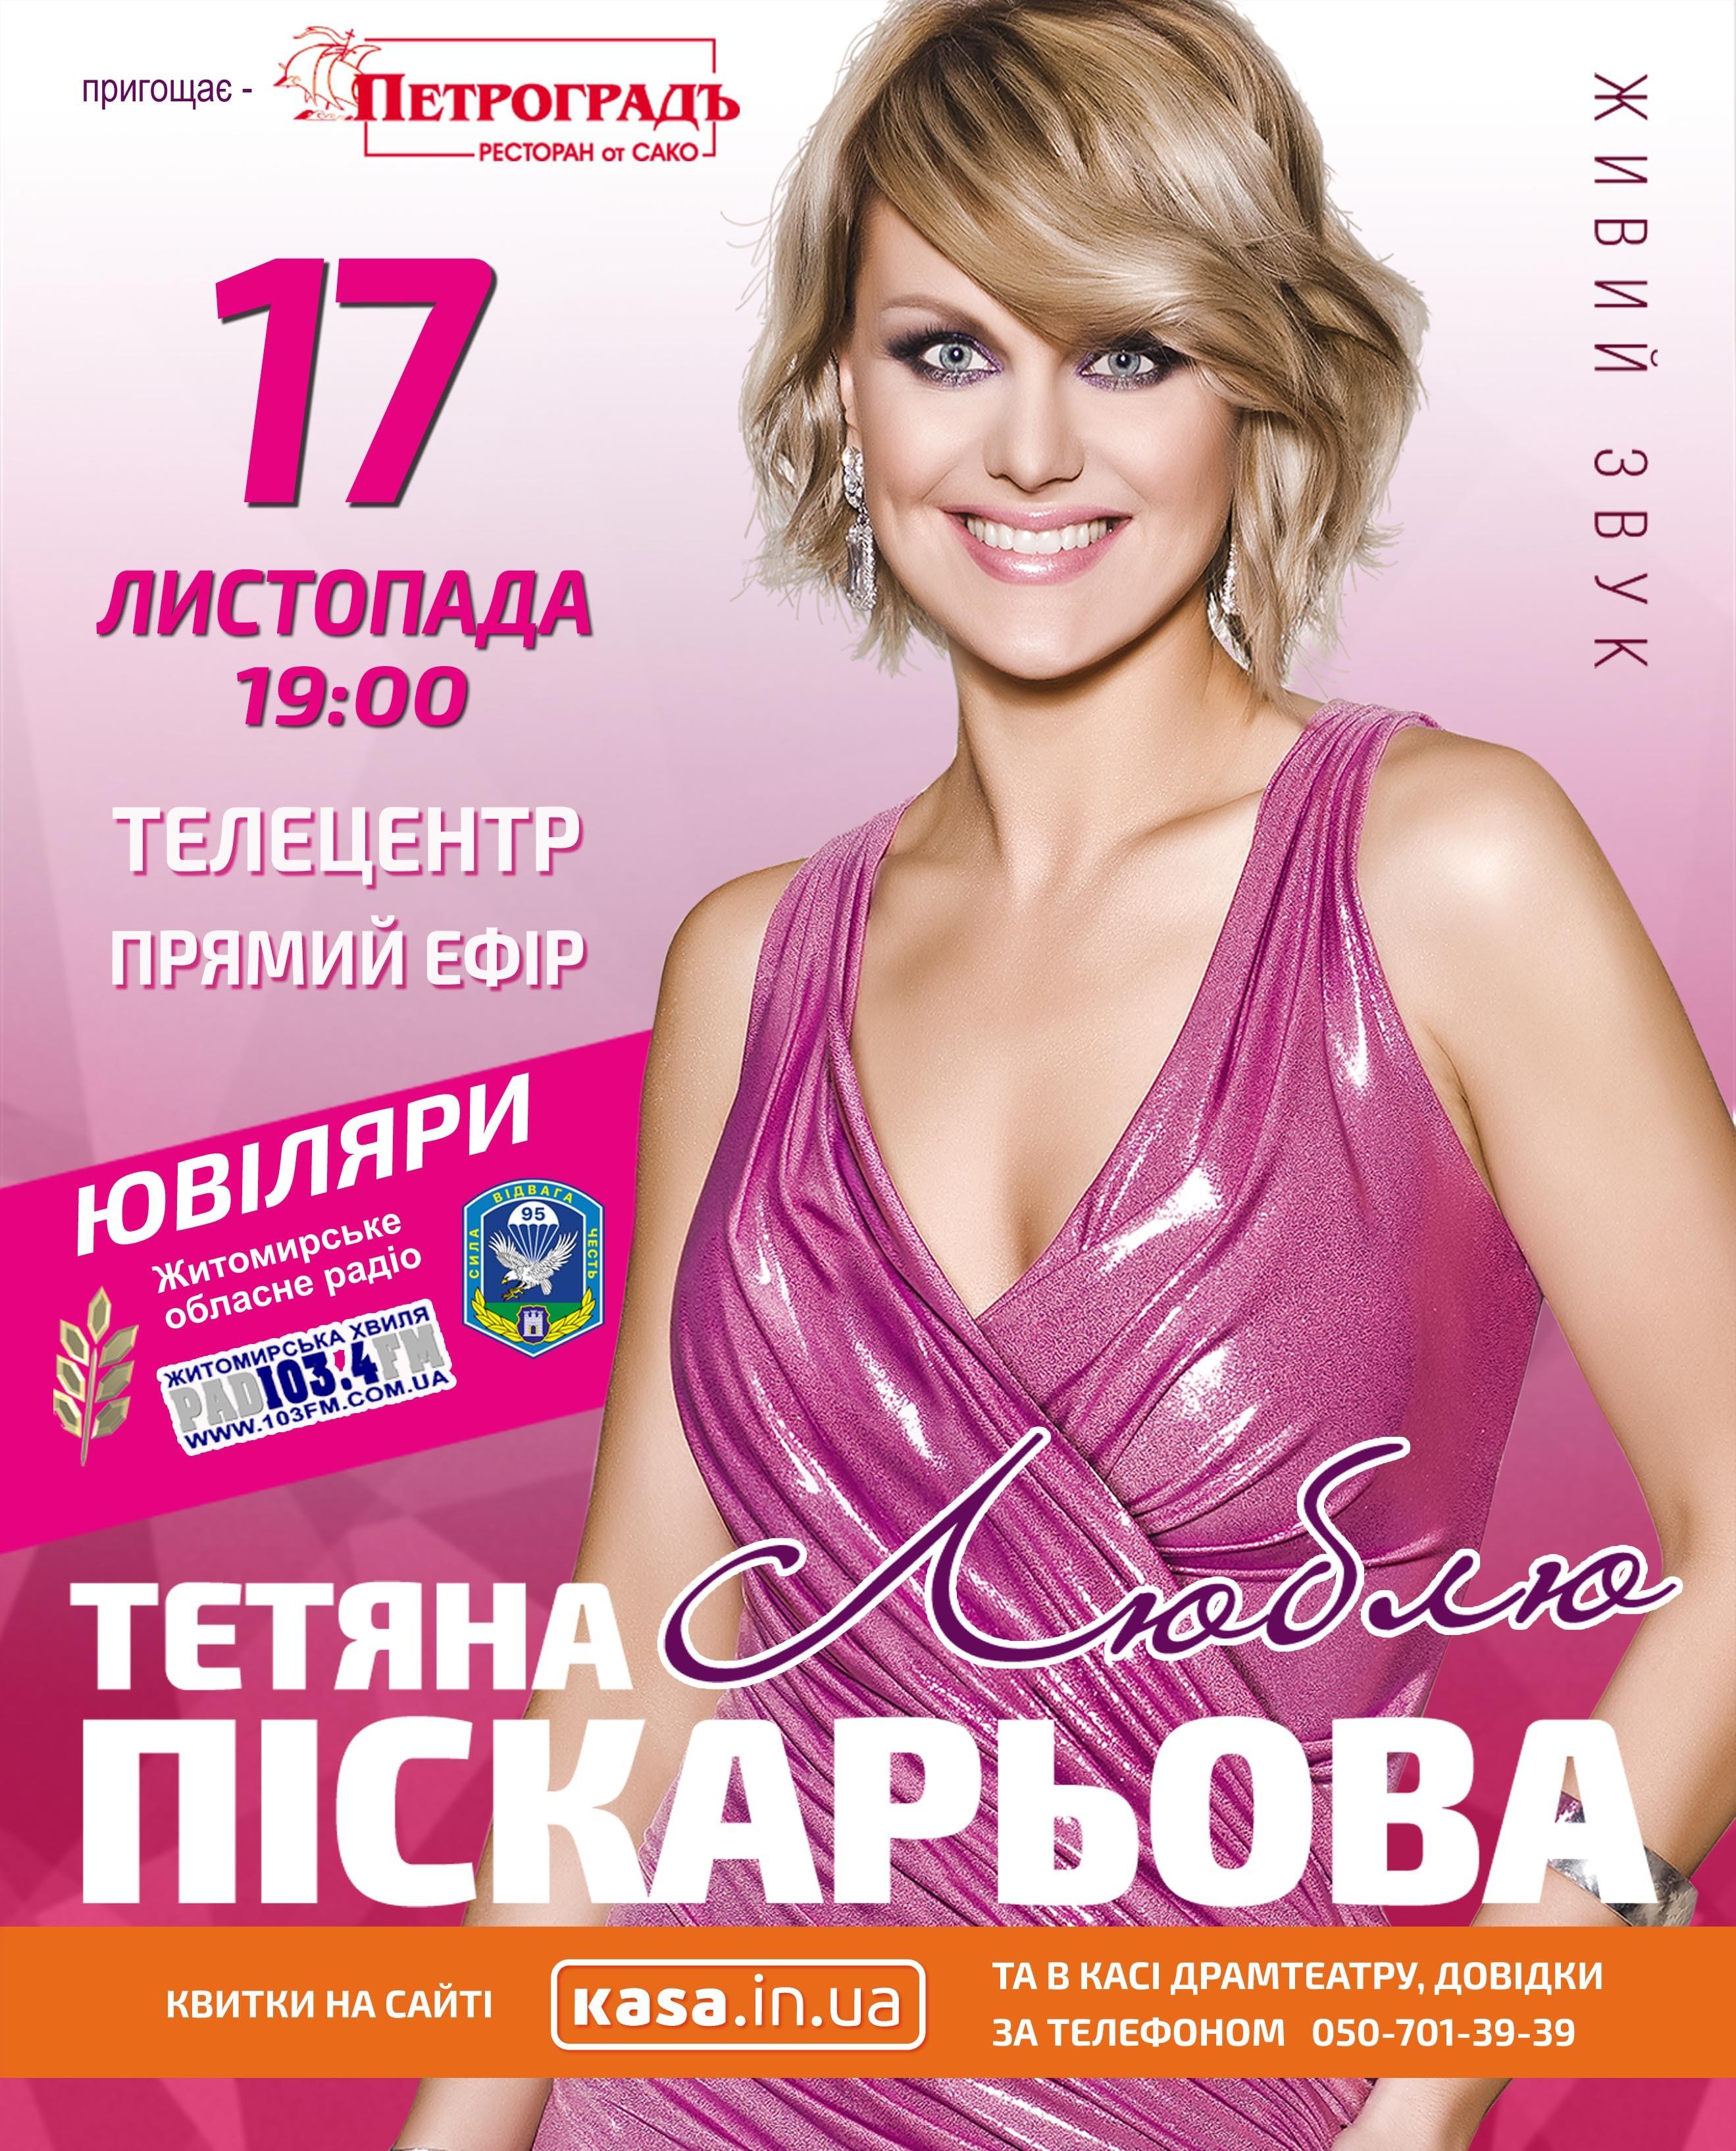 Тетяна Піскарьова